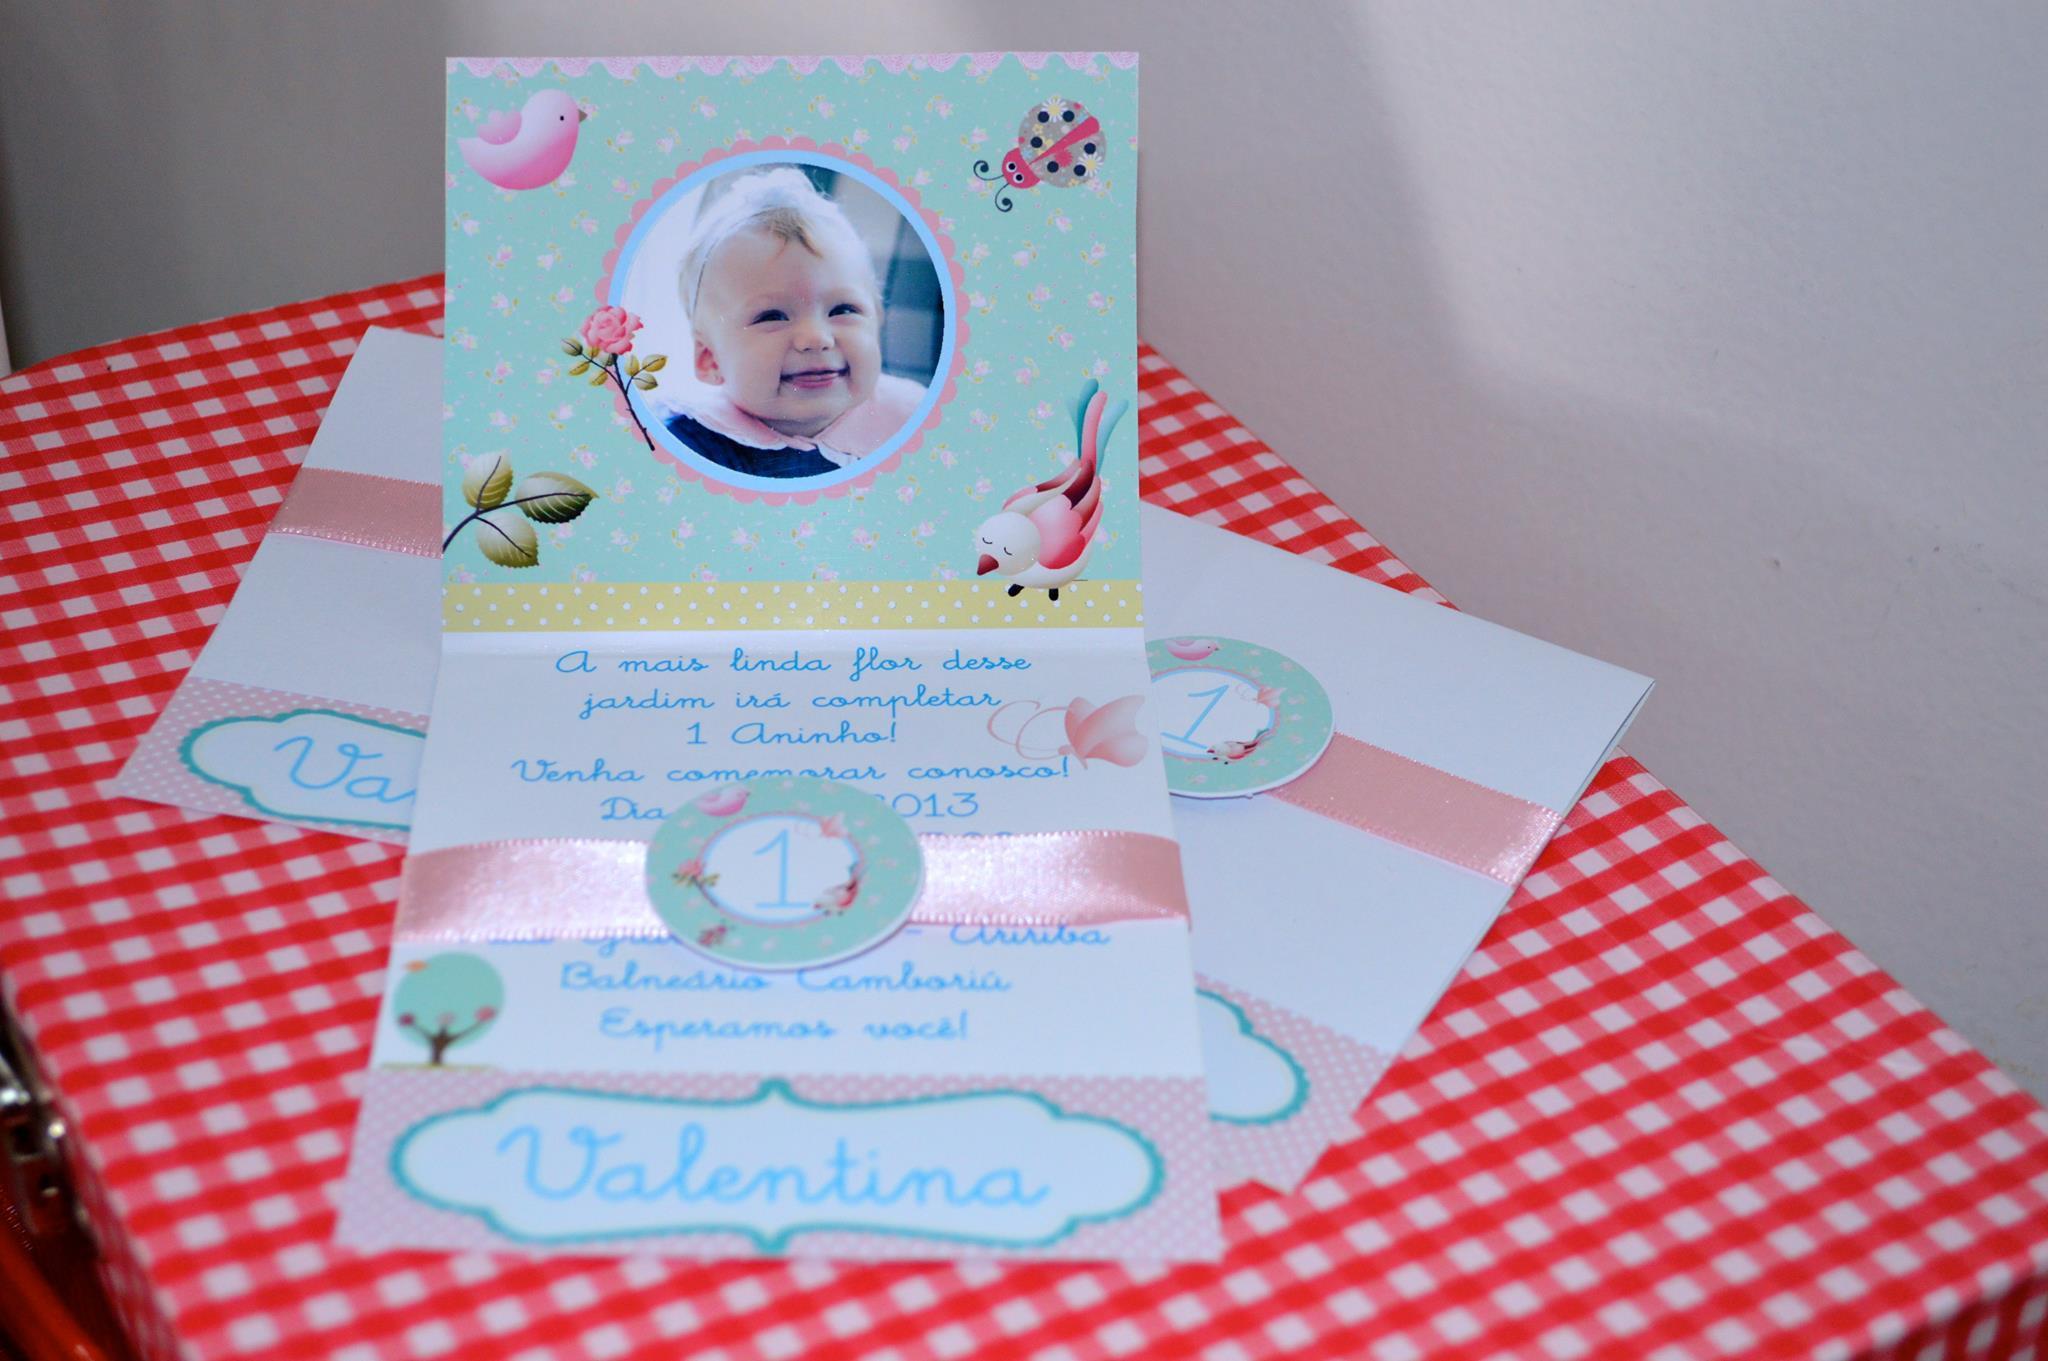 festa aniversario infantil jardim zoologico:convite-jardim-encantado-3-festa-jardim-encantado